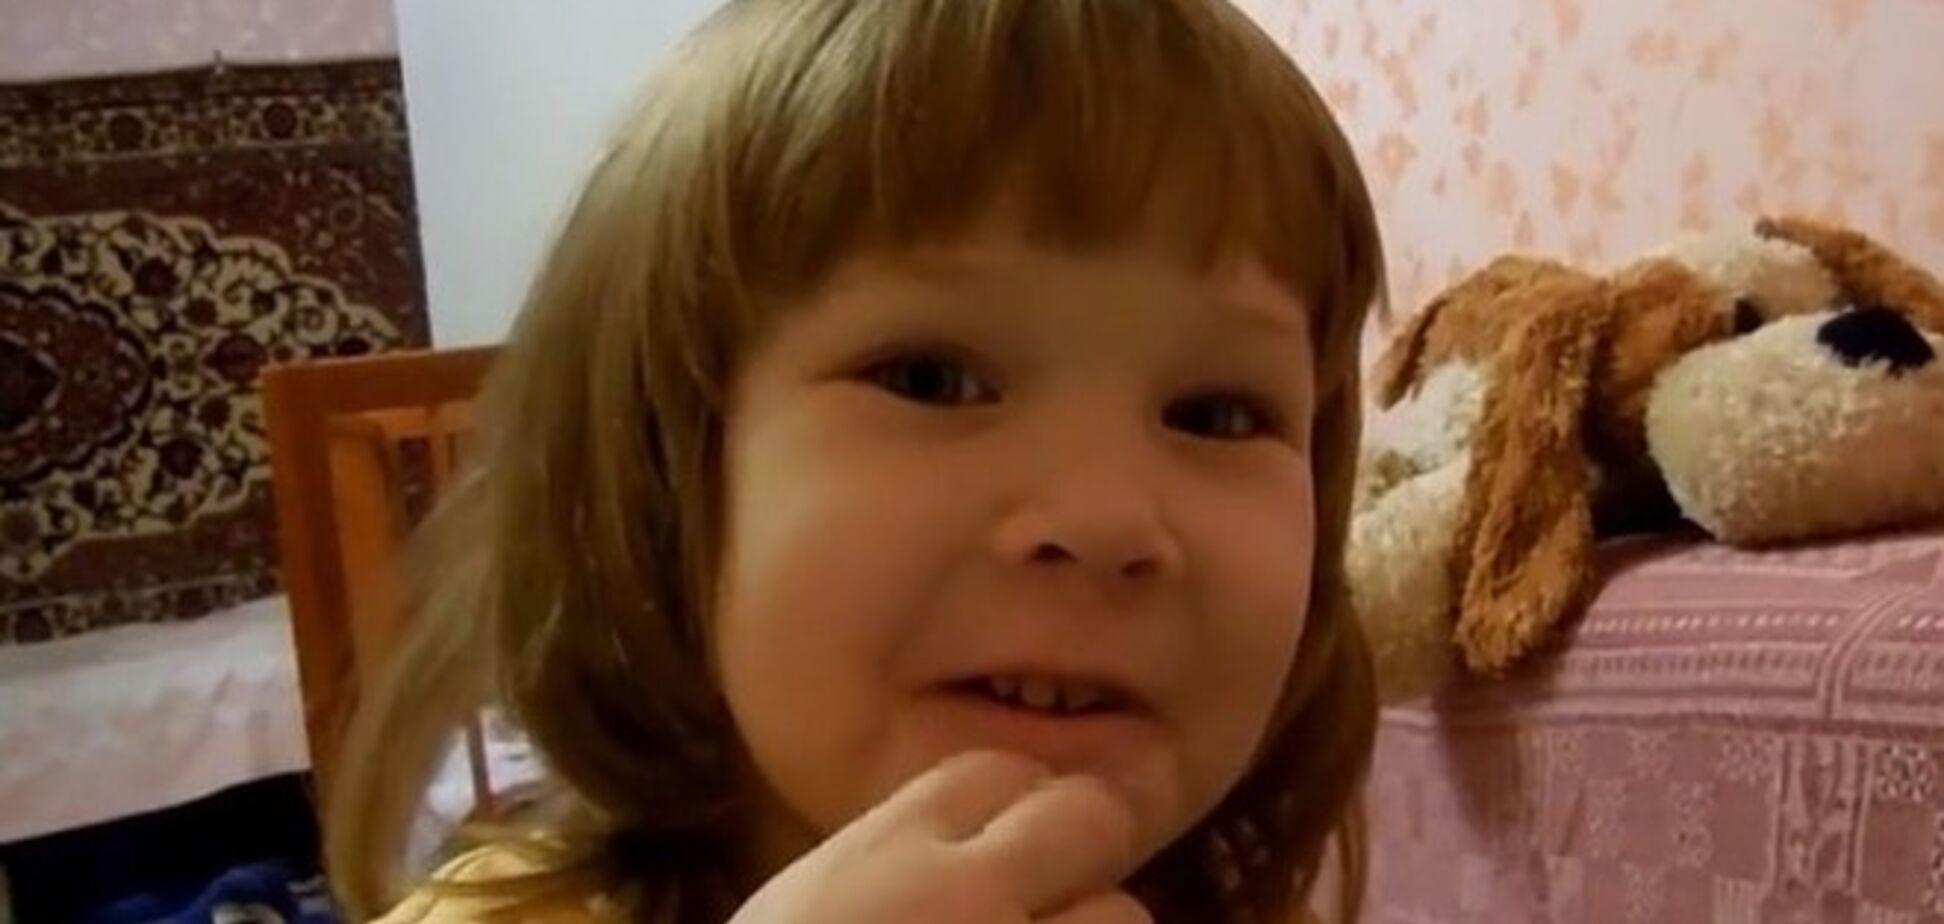 Трехлетняя девочка пригрозила мэру из-за гололеда: тебя надо 'в угол поставить и пошлепать'